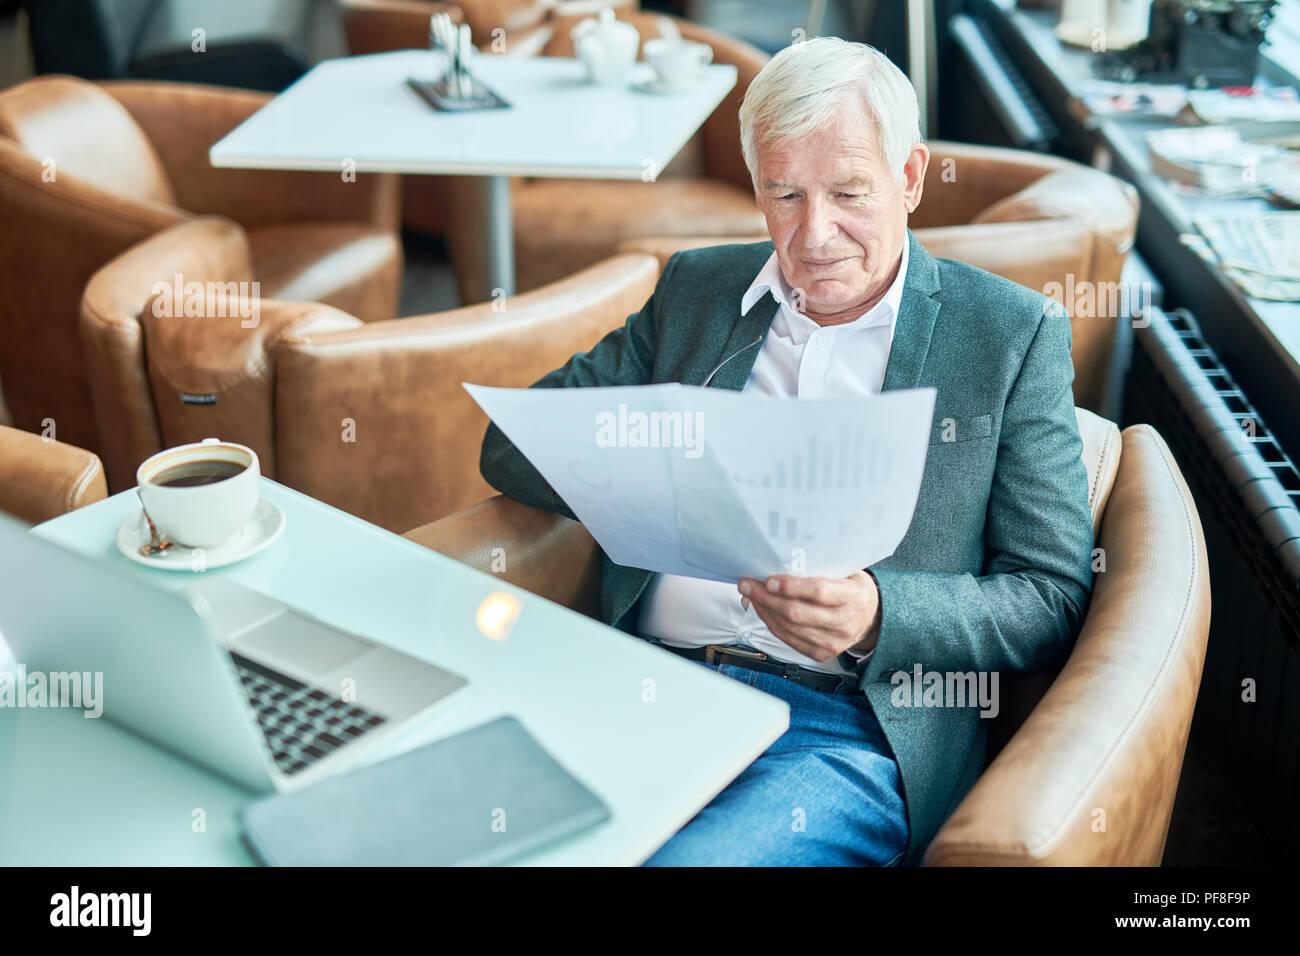 Entre empresario leer documentos en cafe Imagen De Stock